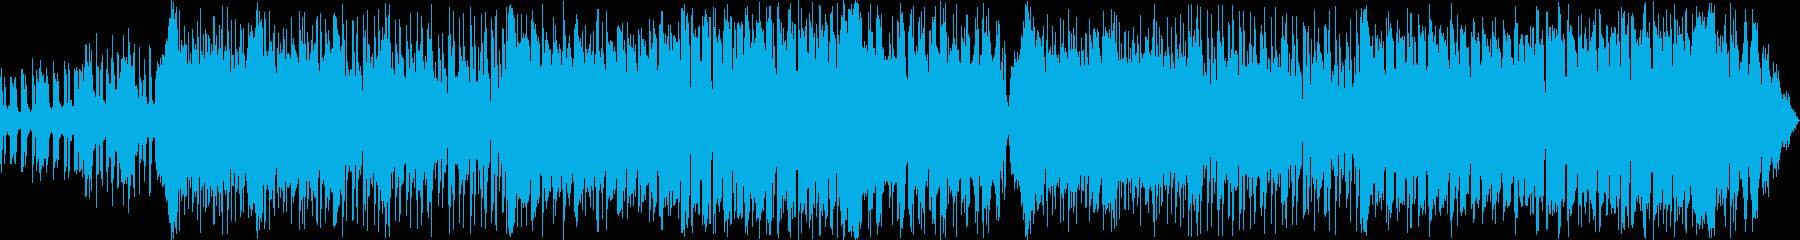 EDM調の激しいバトルシーンの再生済みの波形